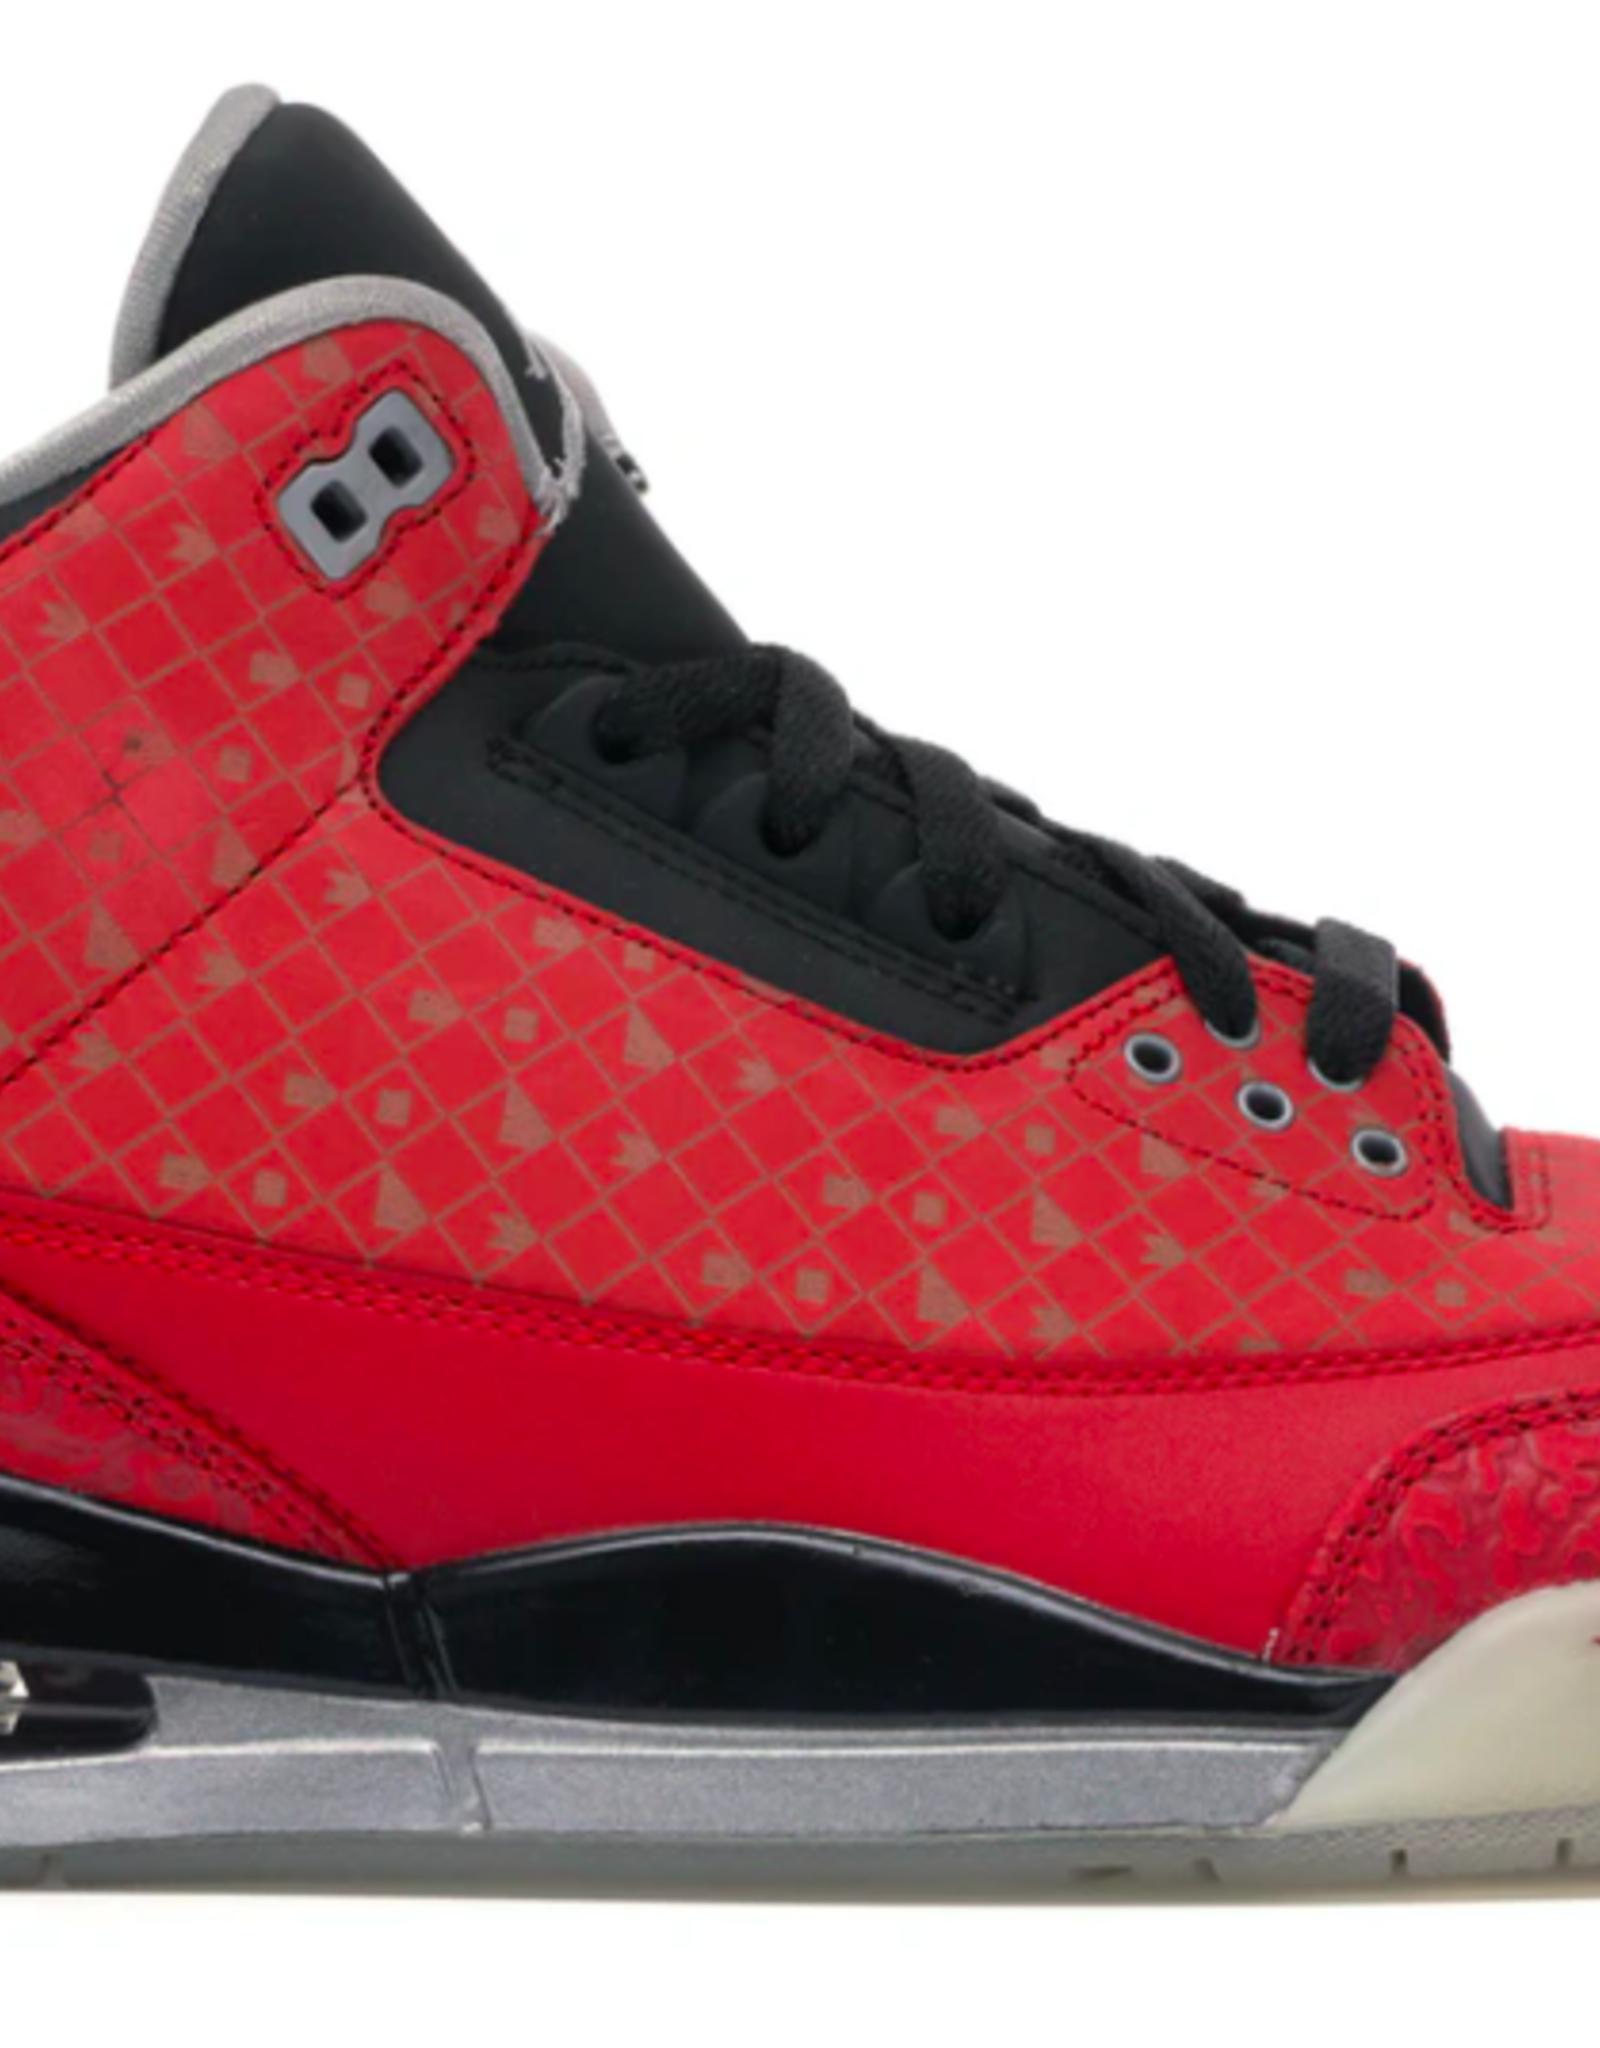 JORDAN Jordan 3 Retro Doernbecher (2013)